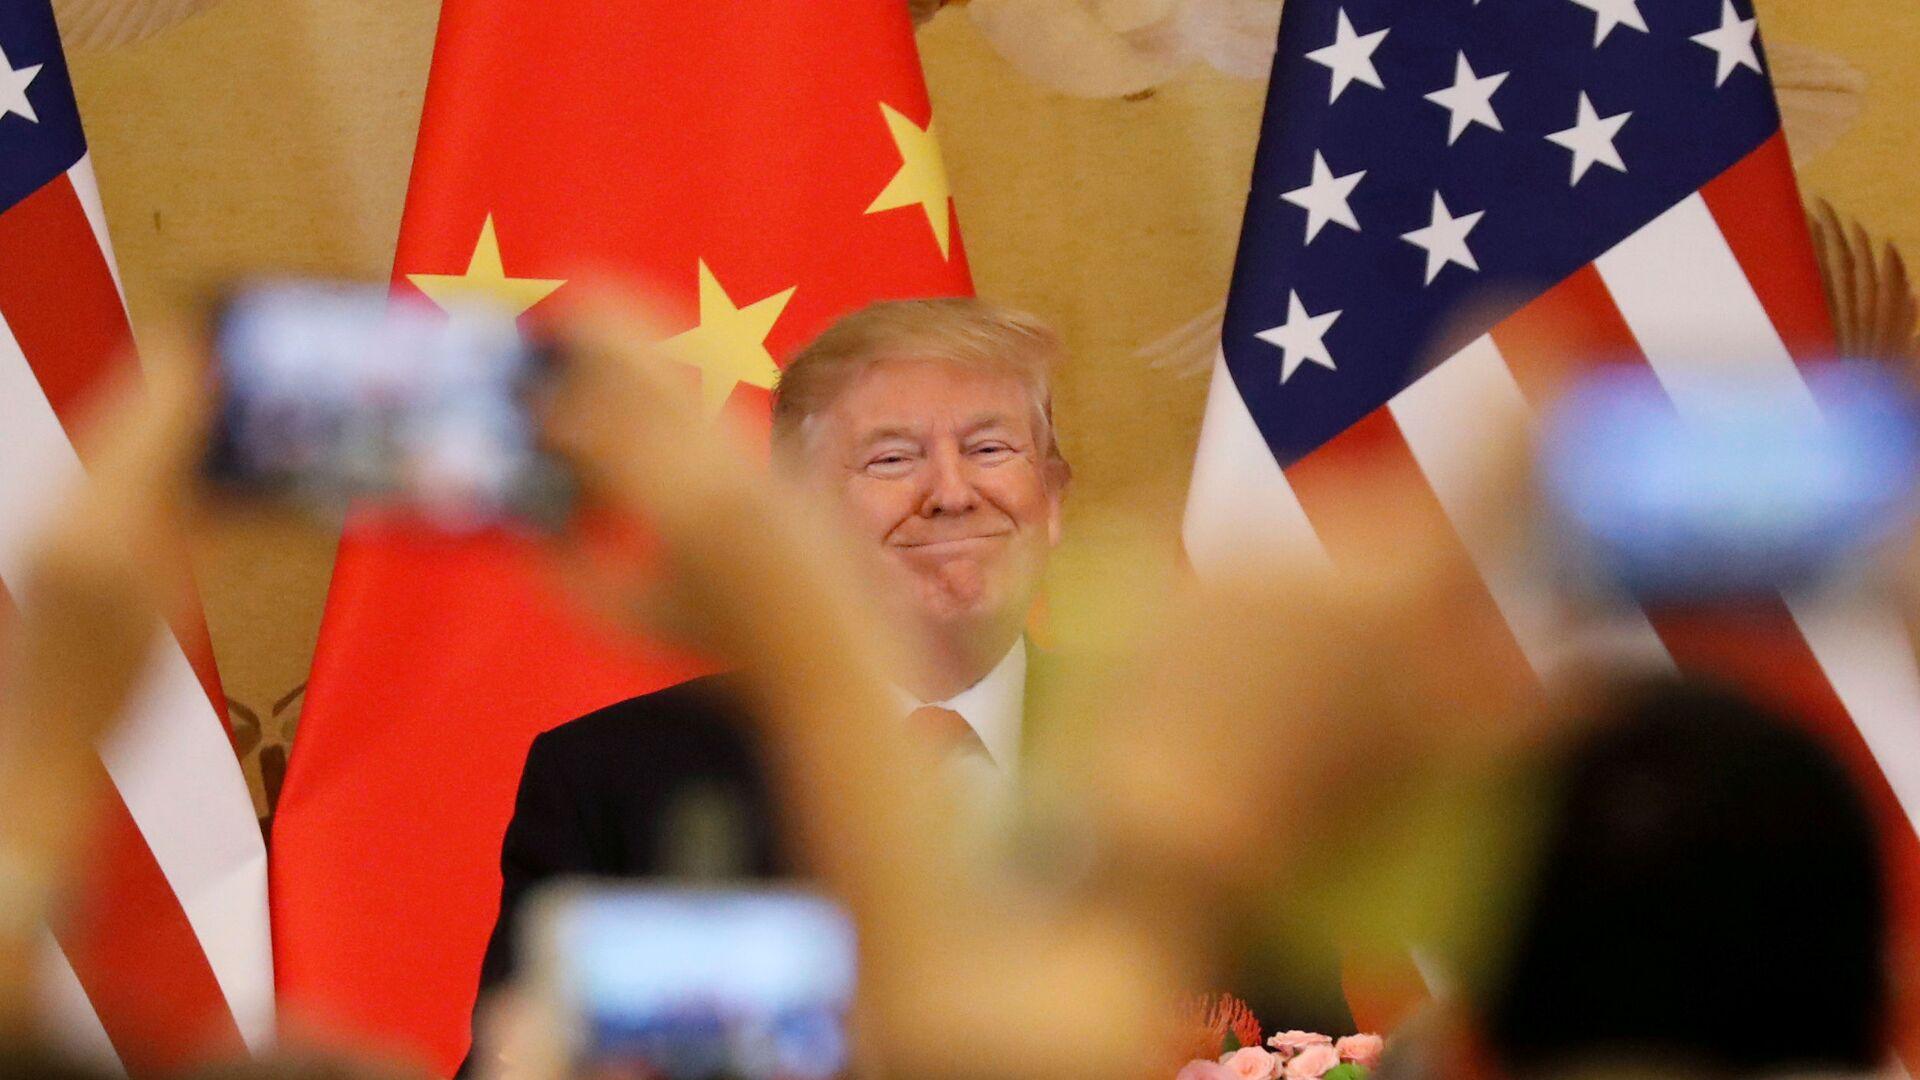 Donald Trump, presidente de EEUU, con unas banderas de China y EEUU en el fondo - Sputnik Mundo, 1920, 26.02.2021